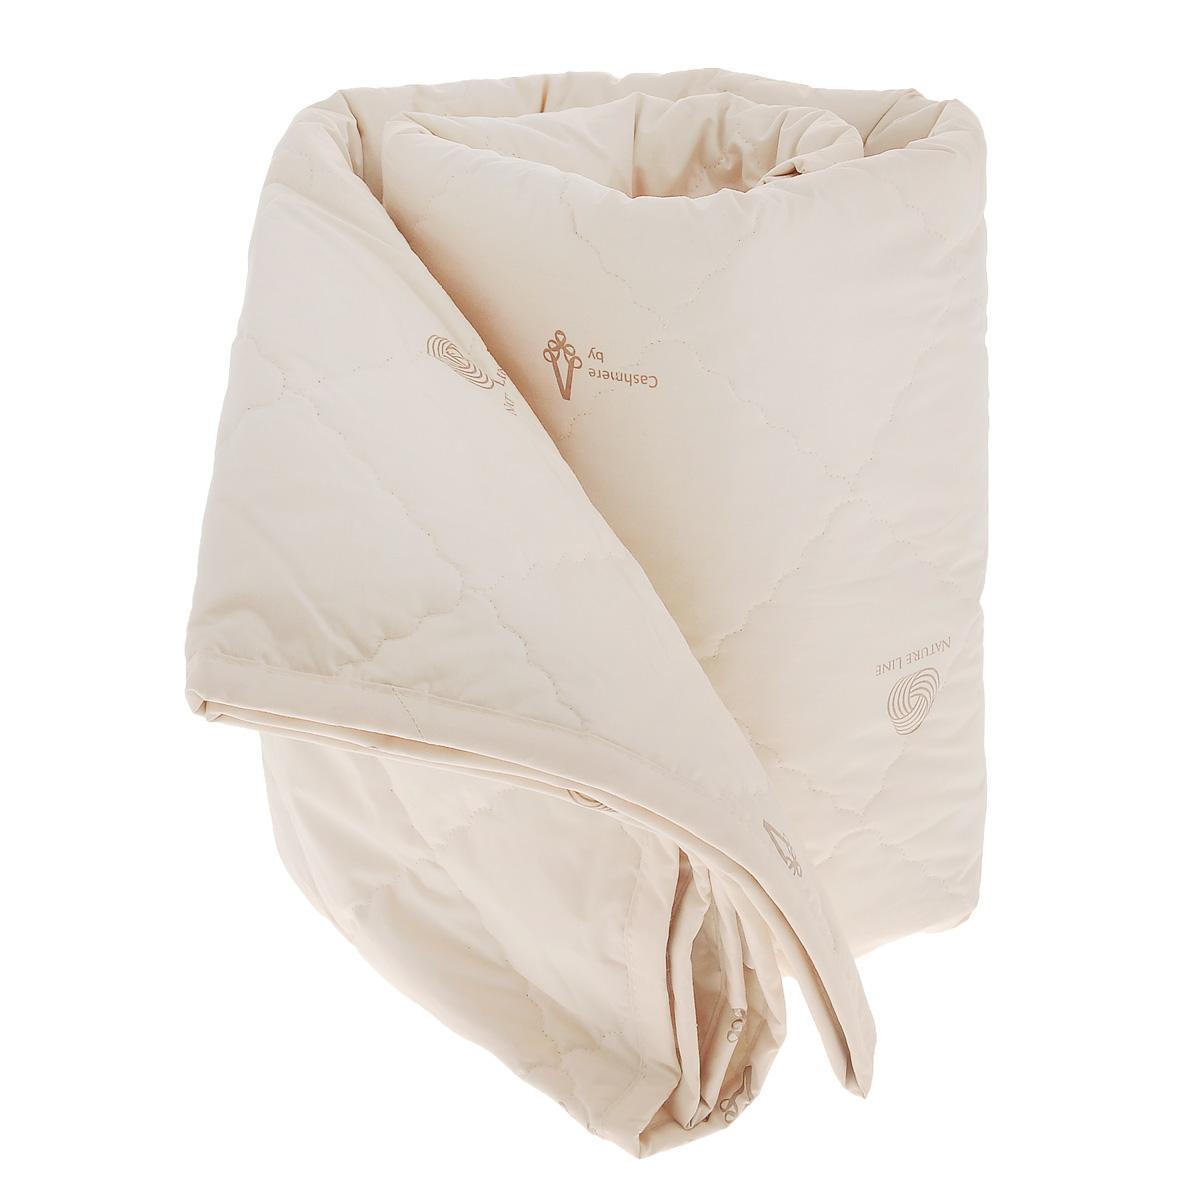 Одеяло La Prima Кашемир, наполнитель: кашемир, полиэфирное волокно, цвет: светло-бежевый, 200 х 220 см1.645-370.0Одеяло La Prima Кашемир очень легкое, воздушное и одновременно теплое. Чехол одеяла выполнен из 100% хлопка. Наполнитель - из натуральной шерсти кашемирской козы. Одеяла с наполнителем из кашемира очень высоко ценят во всем мире. Изделие обладает высокой воздухопроницаемостью, прекрасно сохраняет тепло и снимает статистическое электричество. Оно гипоаллергенно, очень практично и неприхотливо в уходе. Благоприятно воздействует на мышцы и суставы, создавая эффект микромассажа, обеспечивает здоровый и глубокий сон. Ручная стирка при температуре 30°С. Материал чехла: 100% хлопок.Наполнитель: кашемир, полиэфирное волокно.